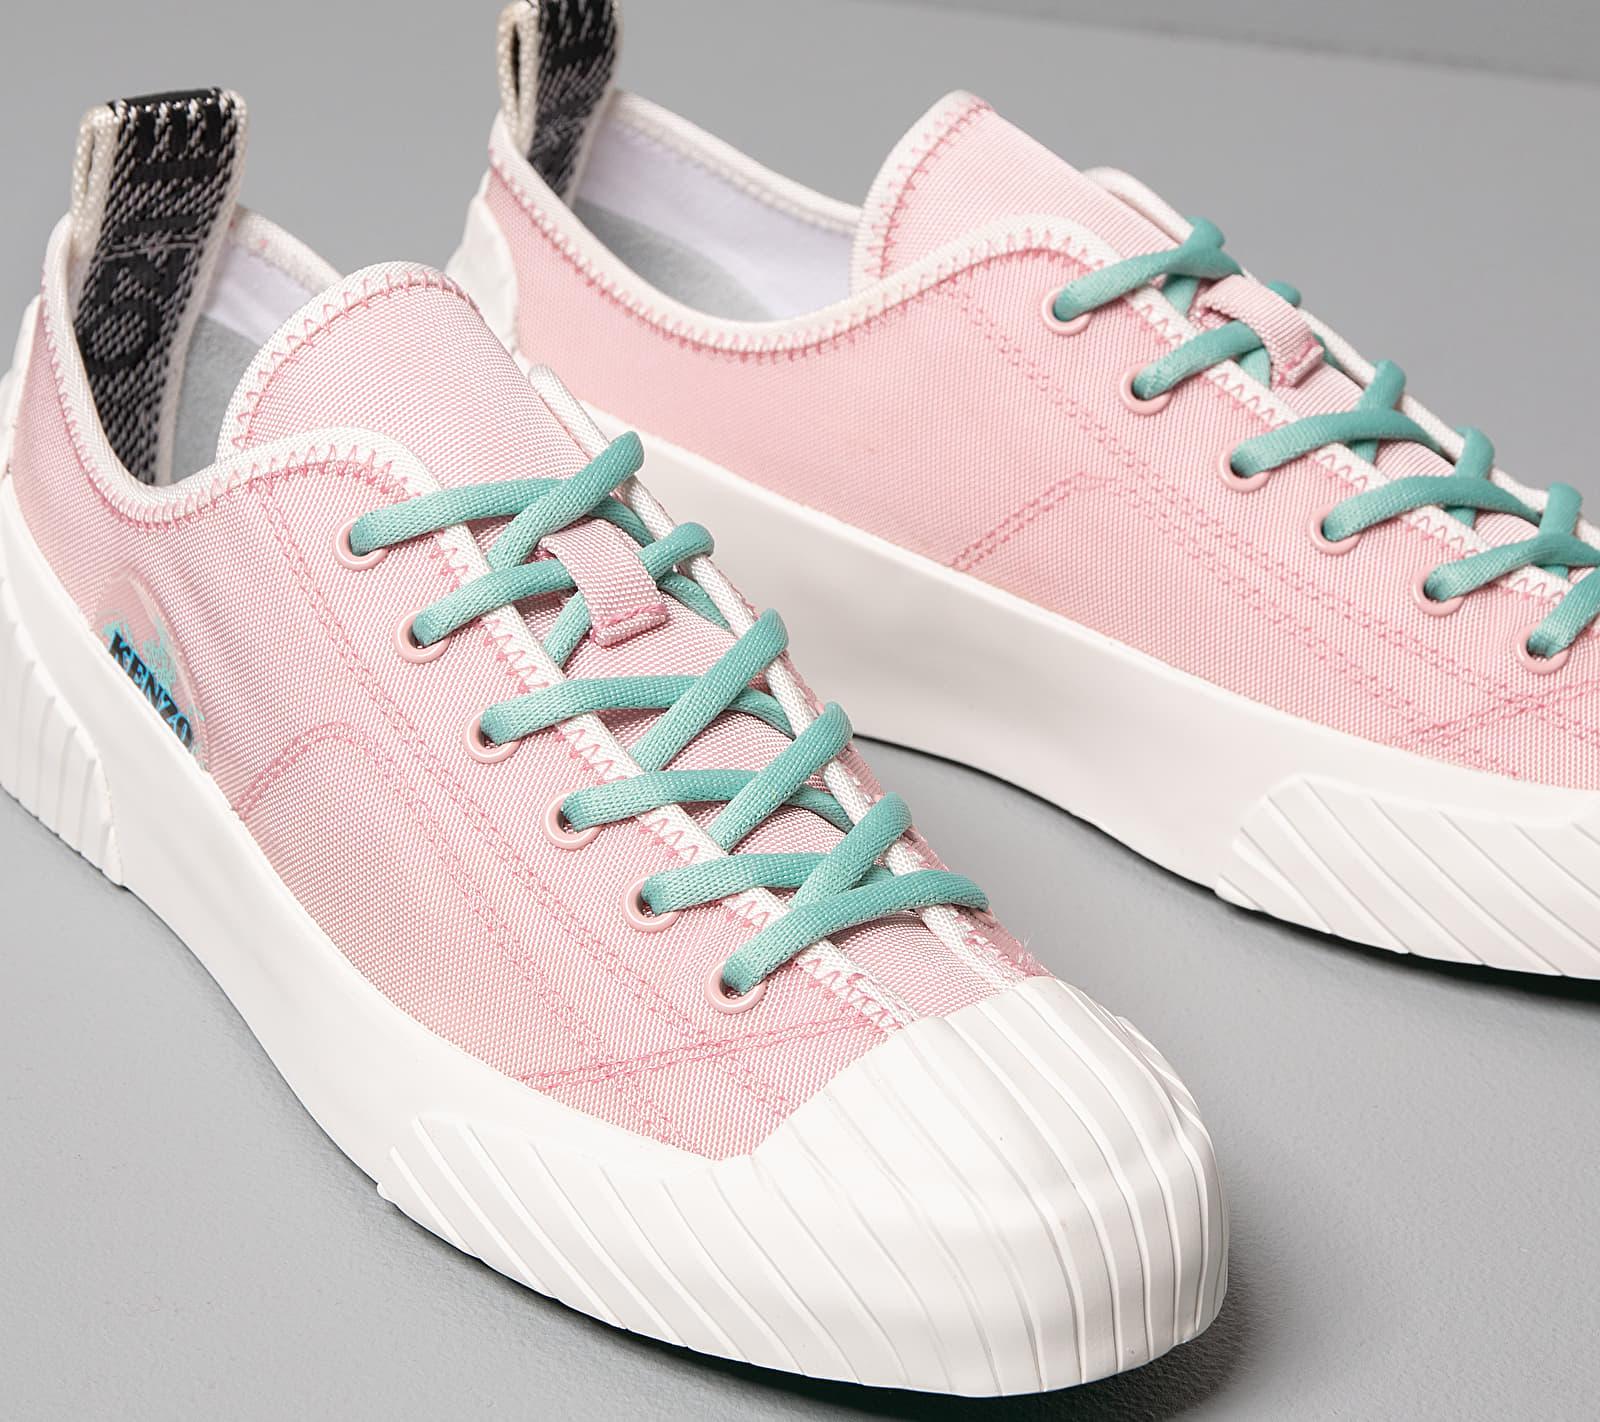 Kenzo Volkano Low Top Sneakers Rose Clair, Pink